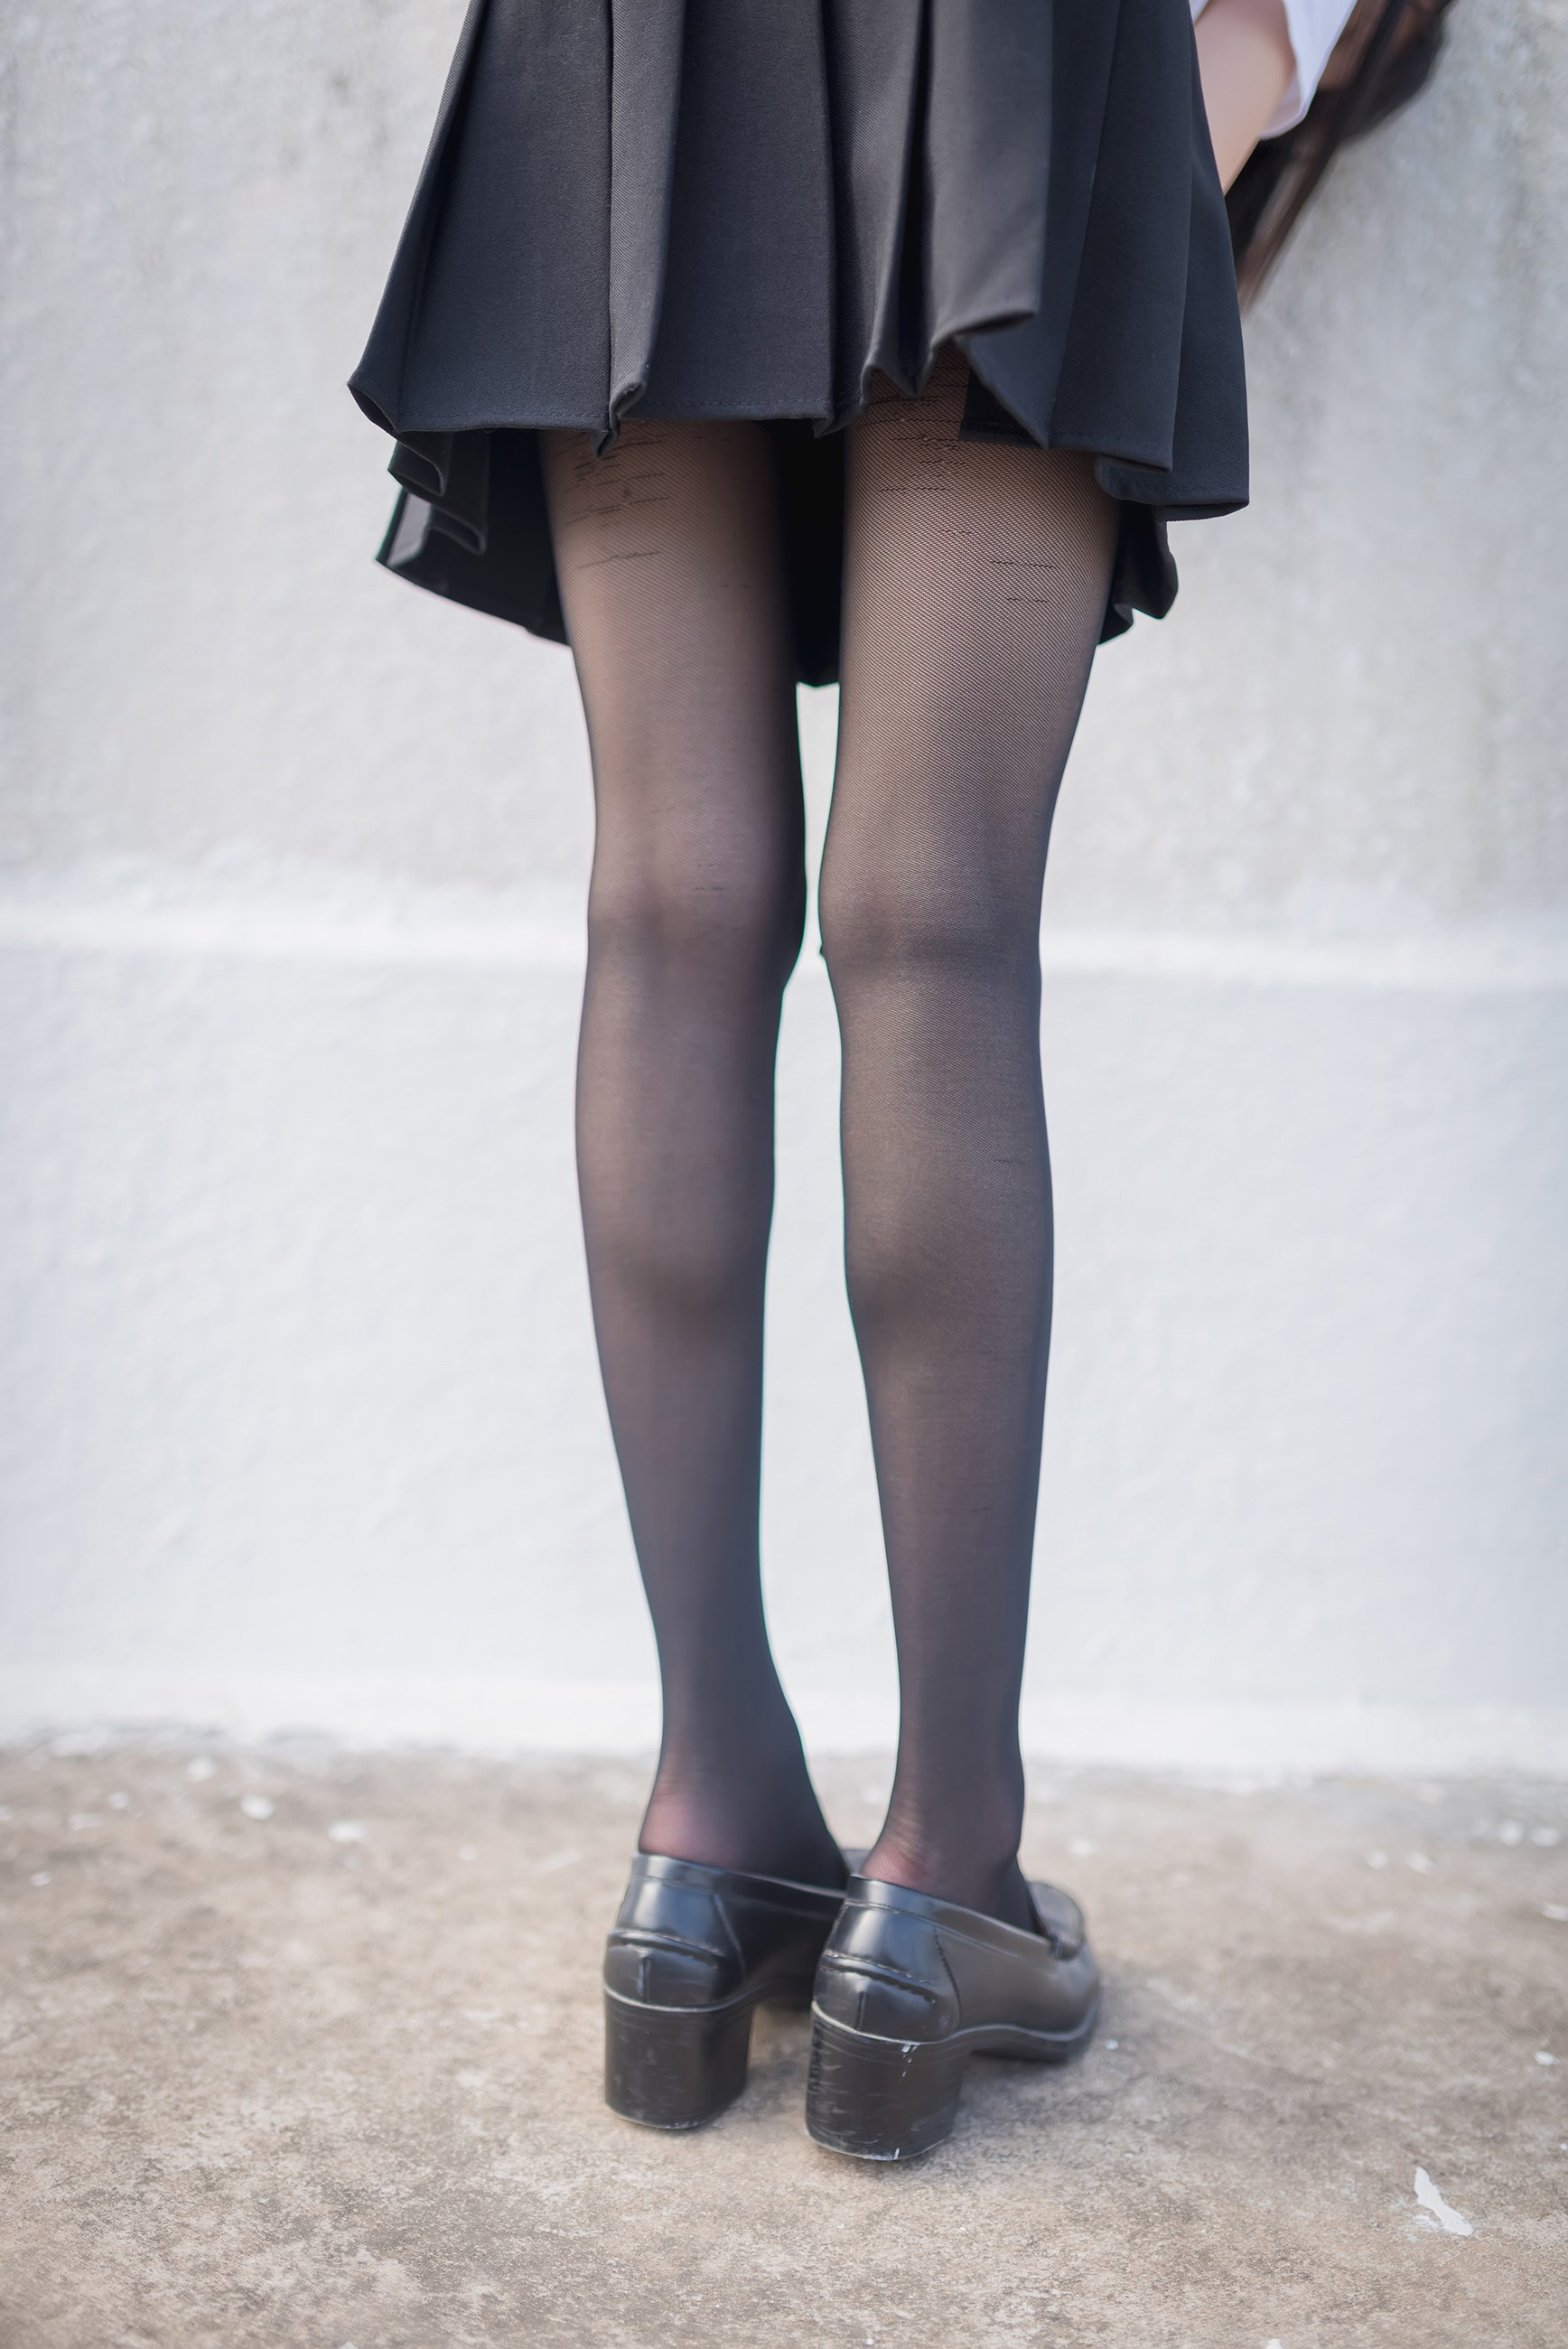 【兔玩映画】天台的黑丝少女 兔玩映画 第28张